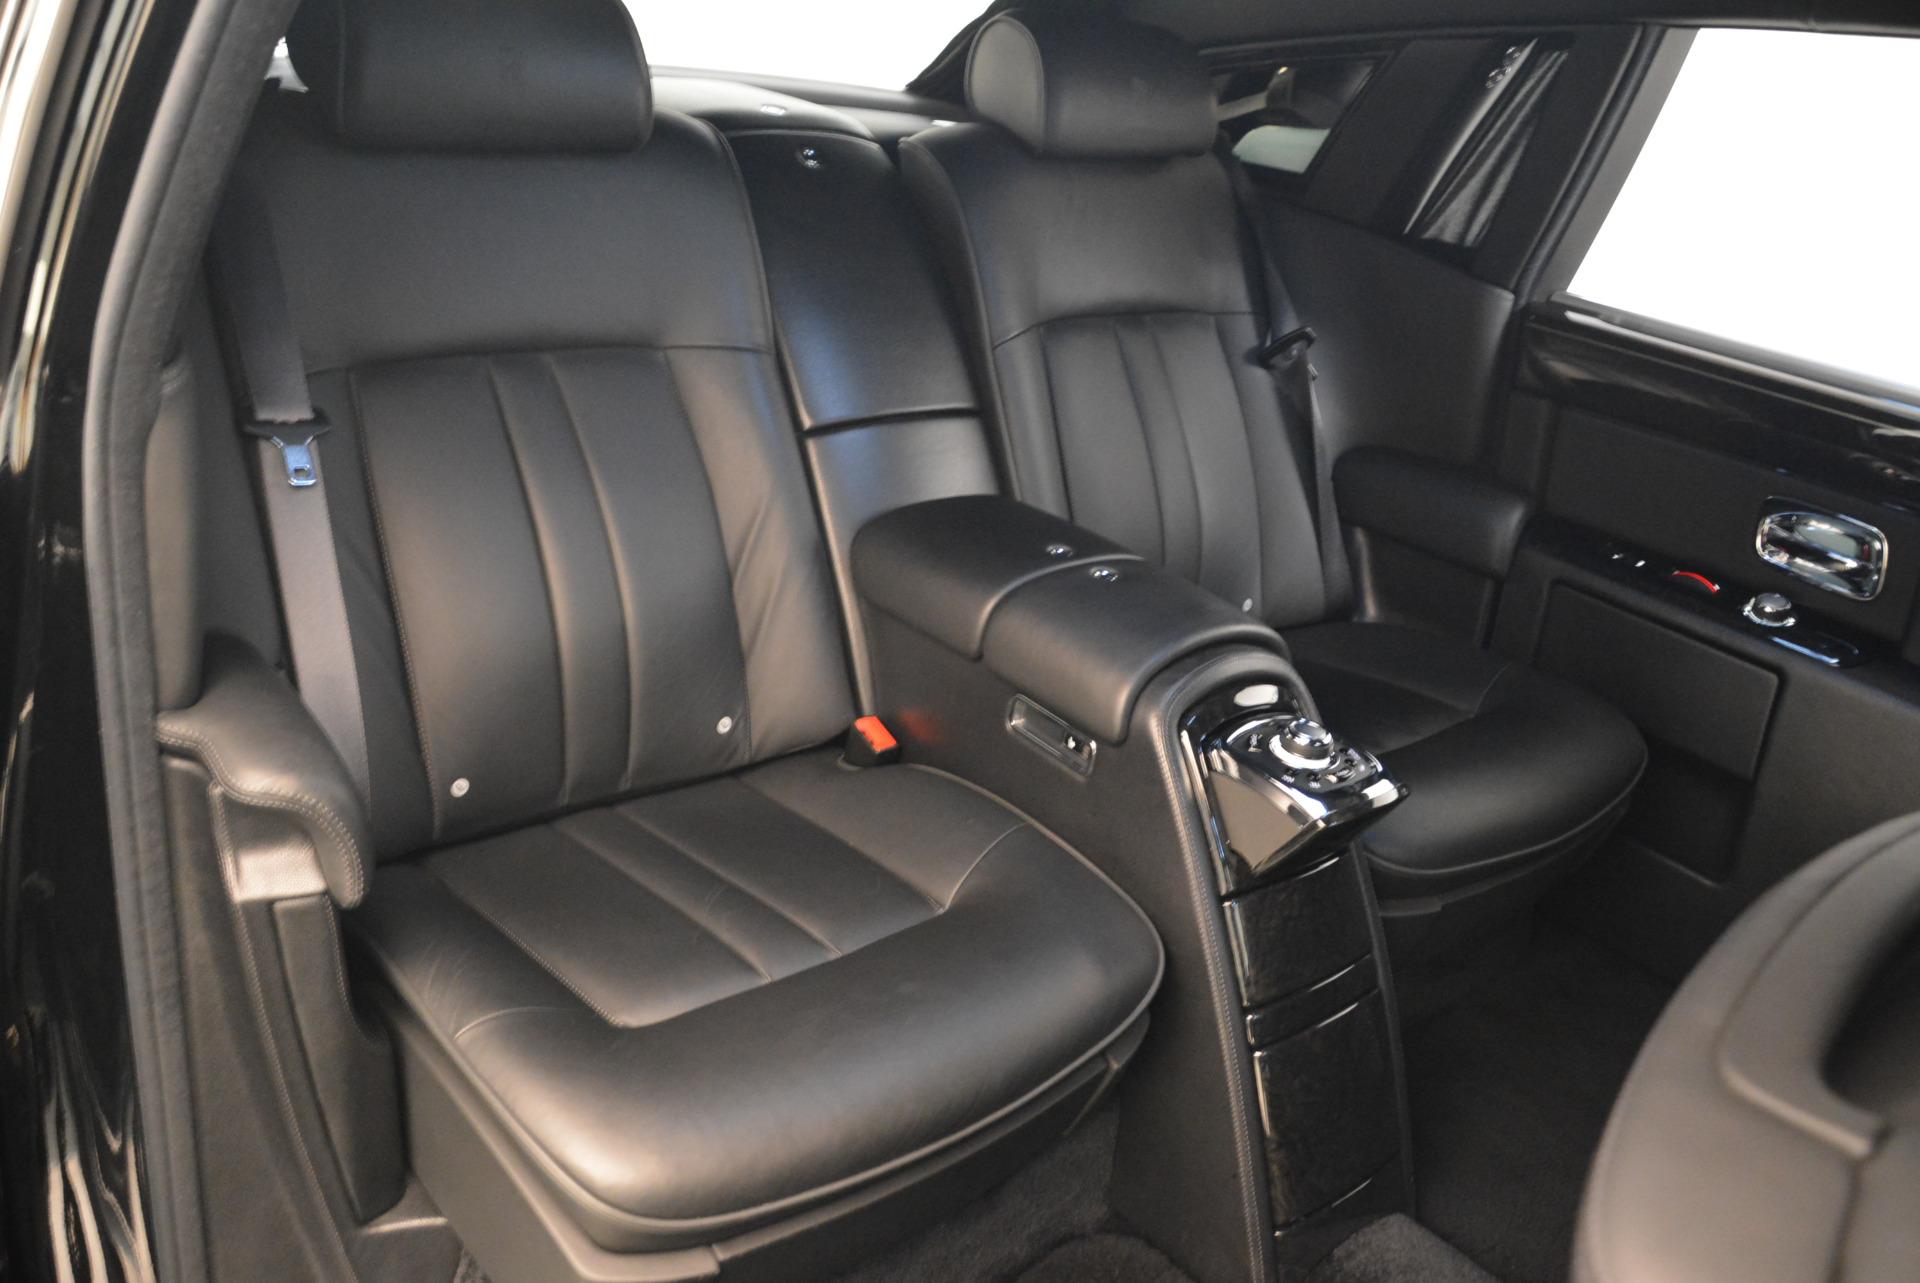 Used 2014 Rolls-Royce Phantom EWB For Sale In Greenwich, CT 2051_p15